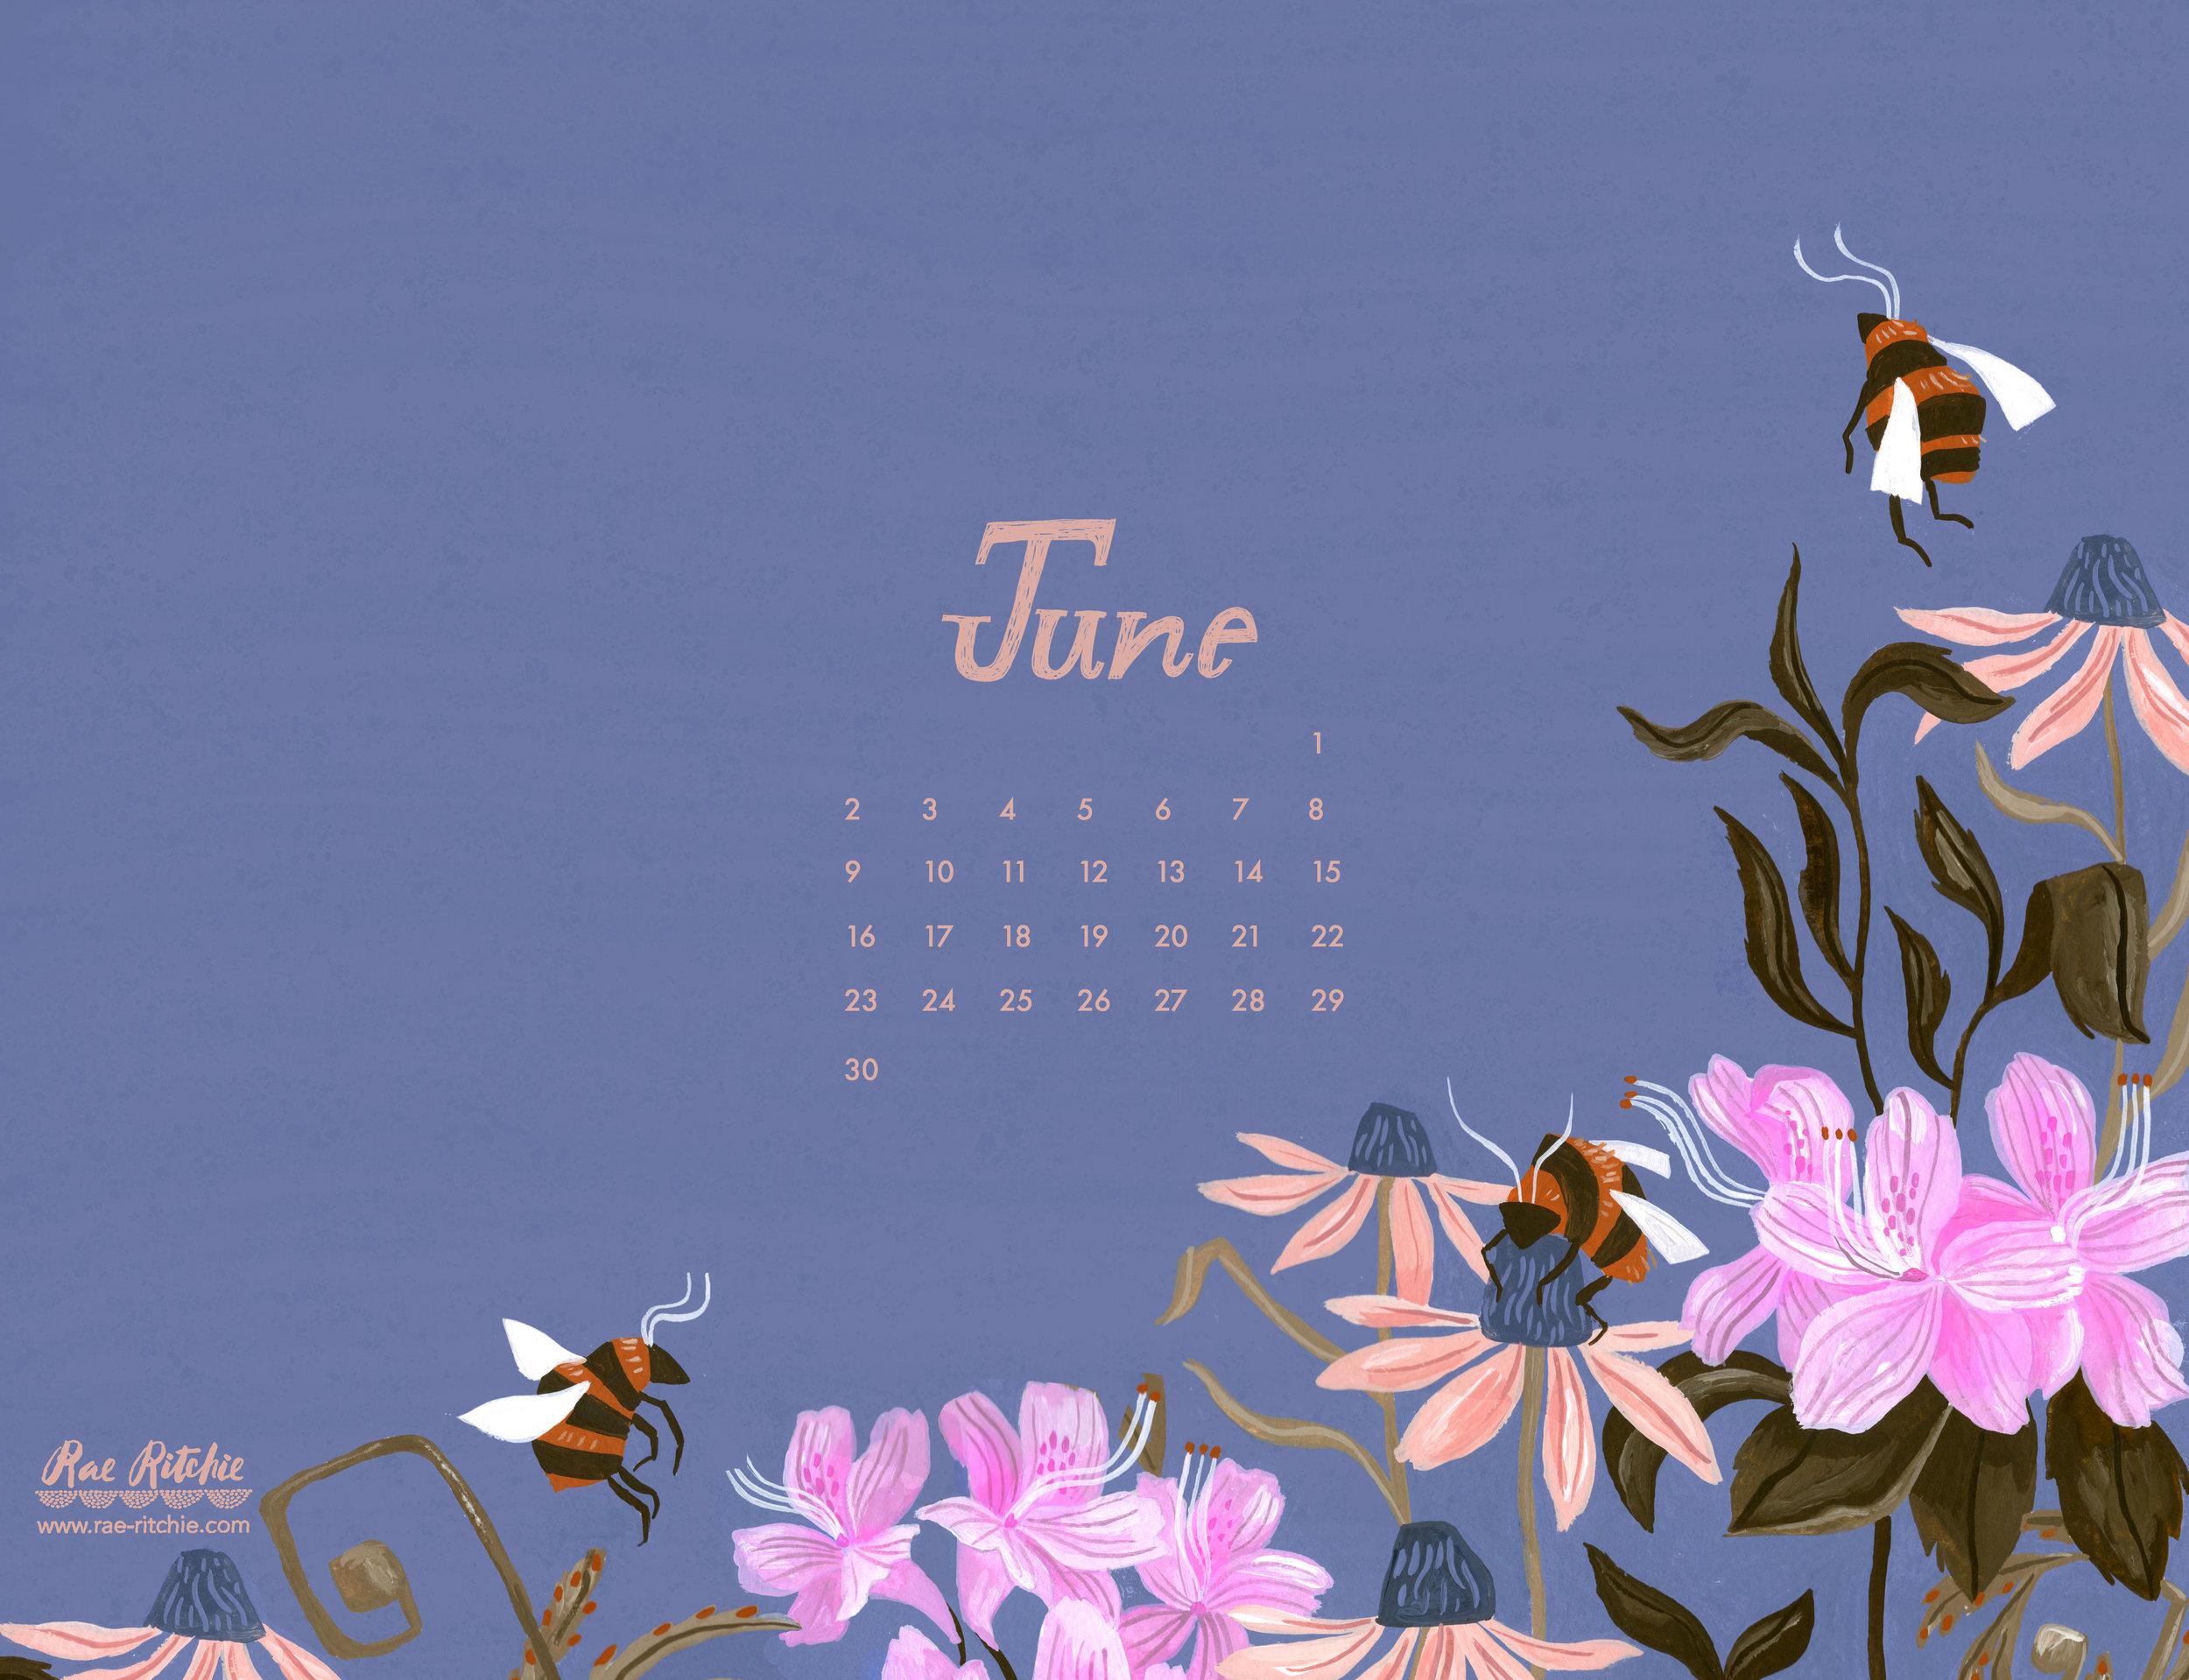 June19__Ipad.jpg